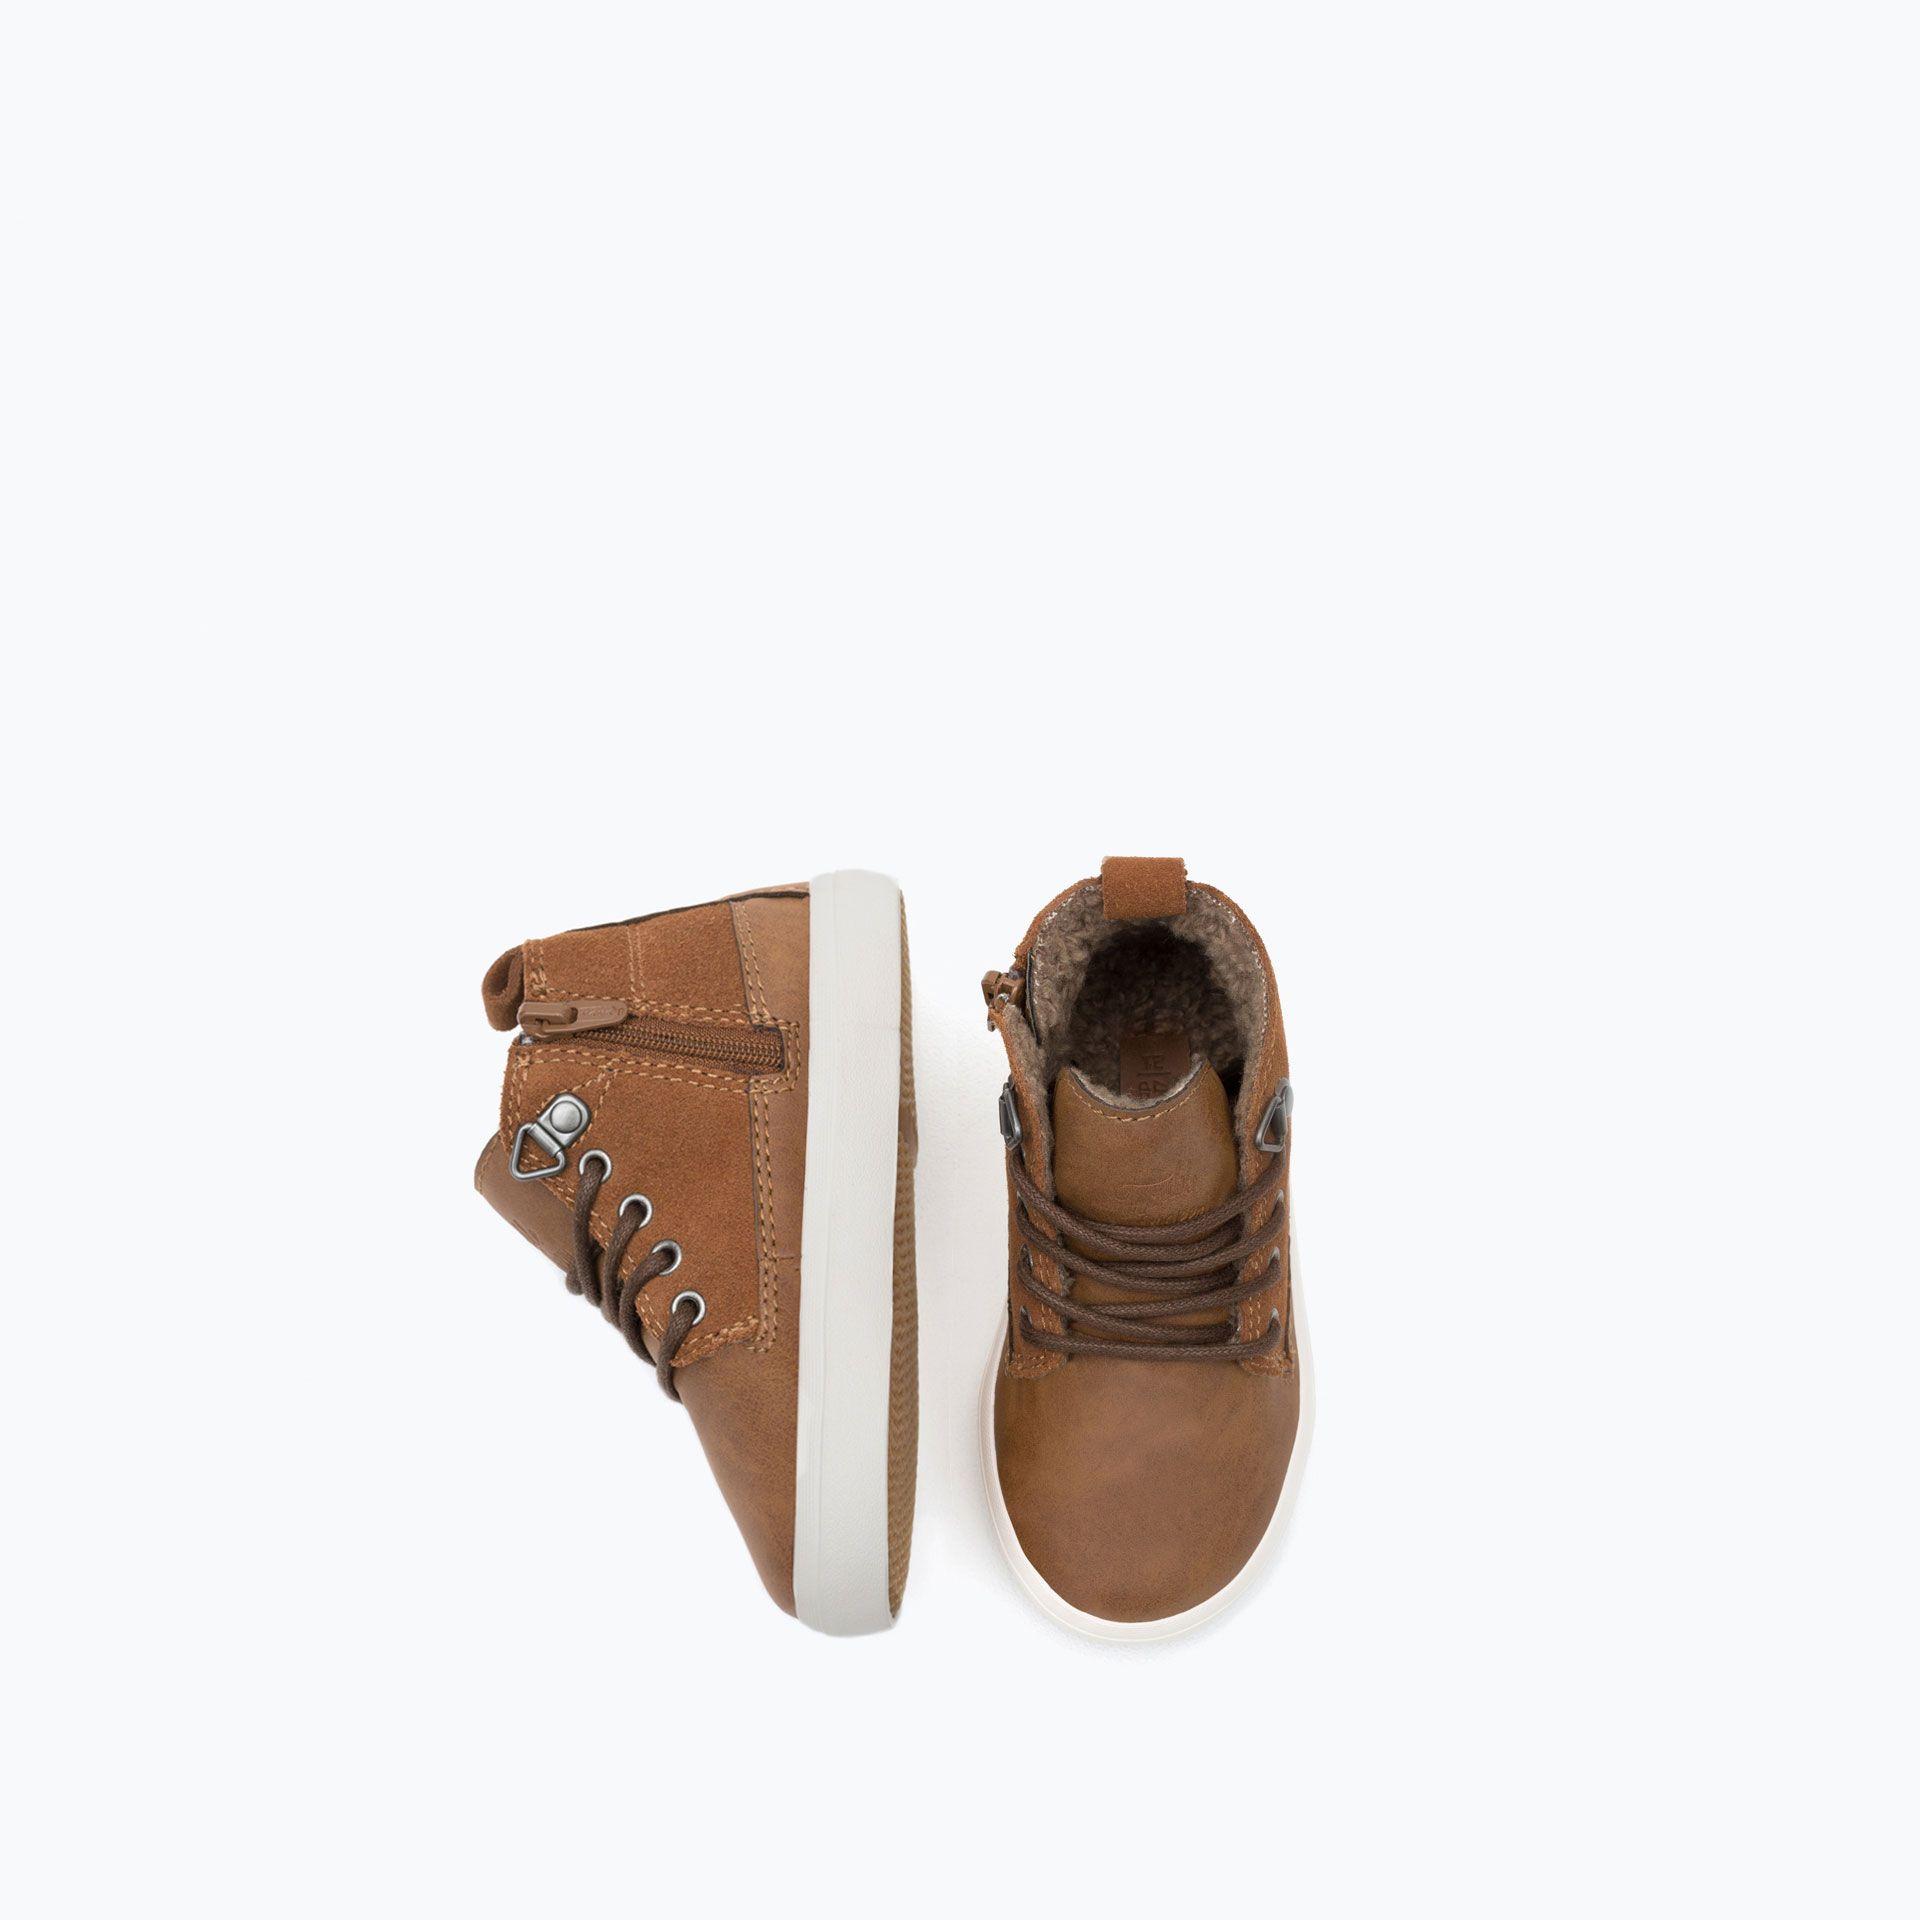 Trzewiki Z Ozdobna Wysciolka Z Dwoiny Niemowle Chlopiec Nowosci Baby Shoes Zara Shoes